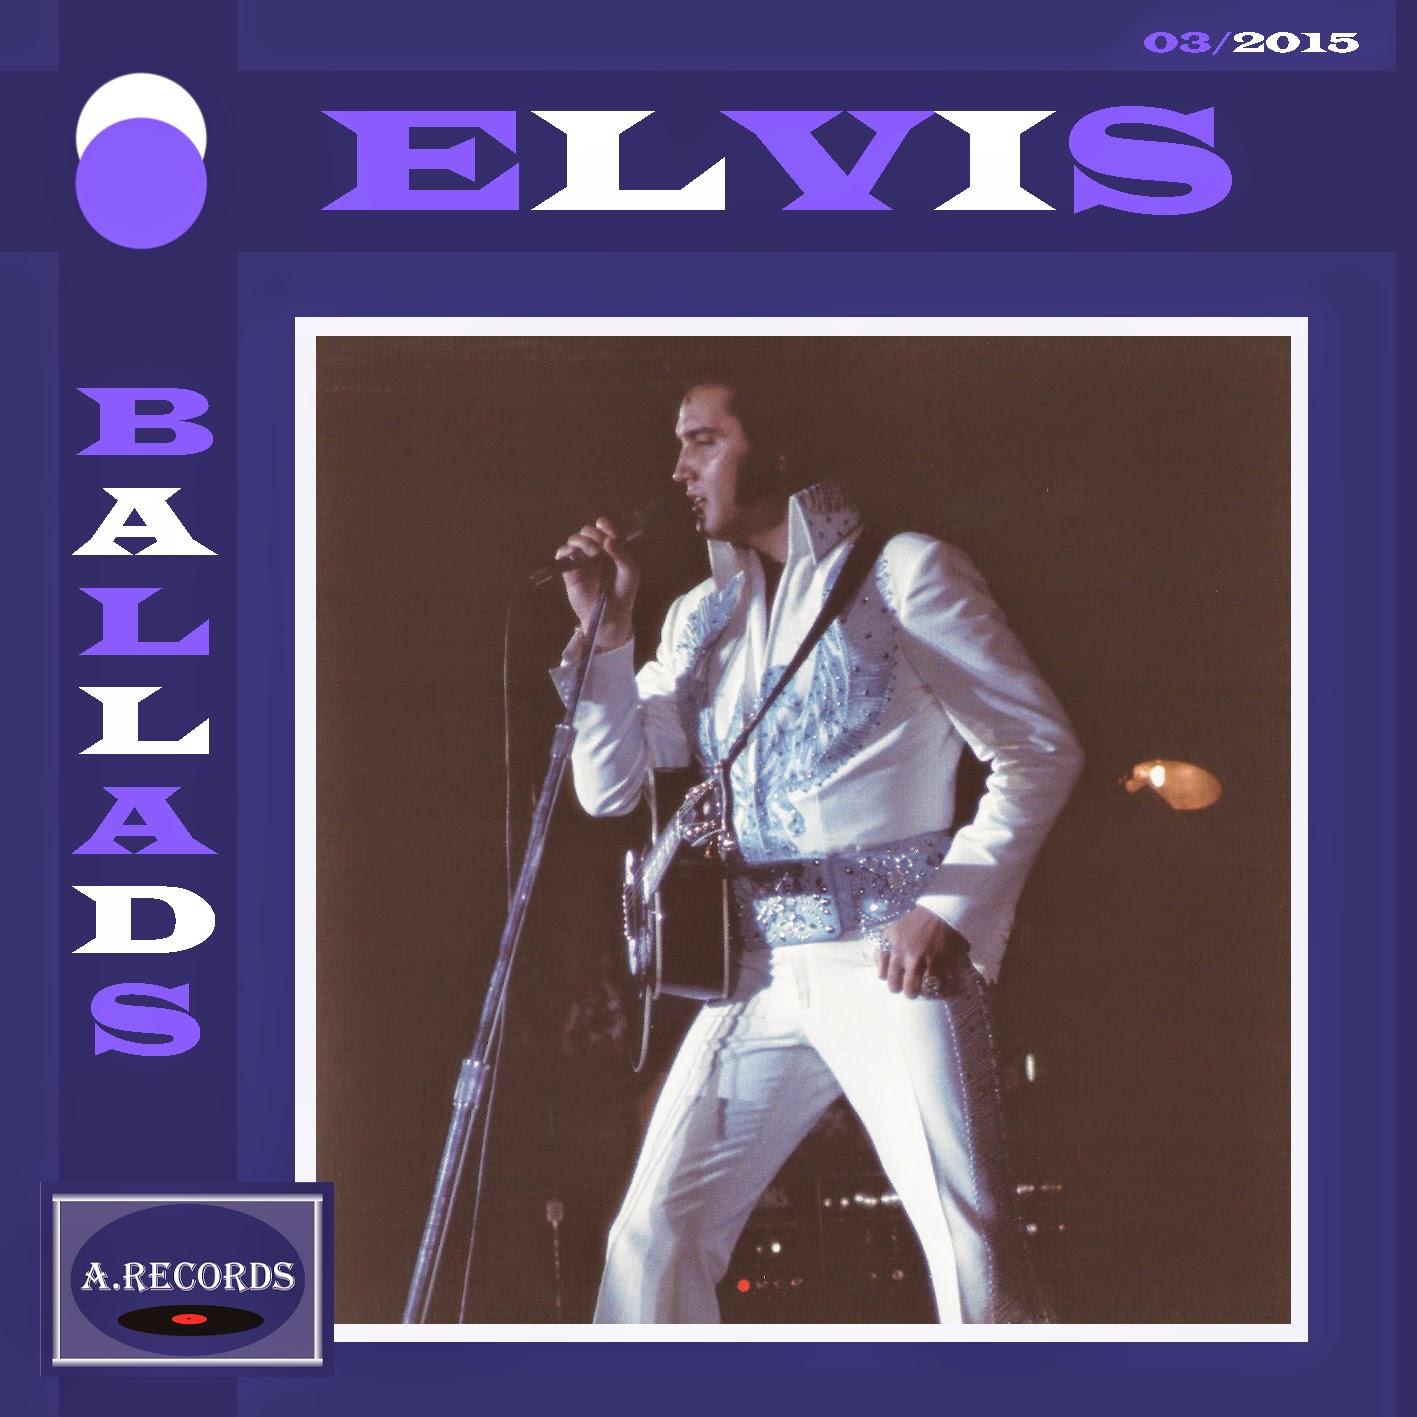 Elvis Ballads (March 2015)